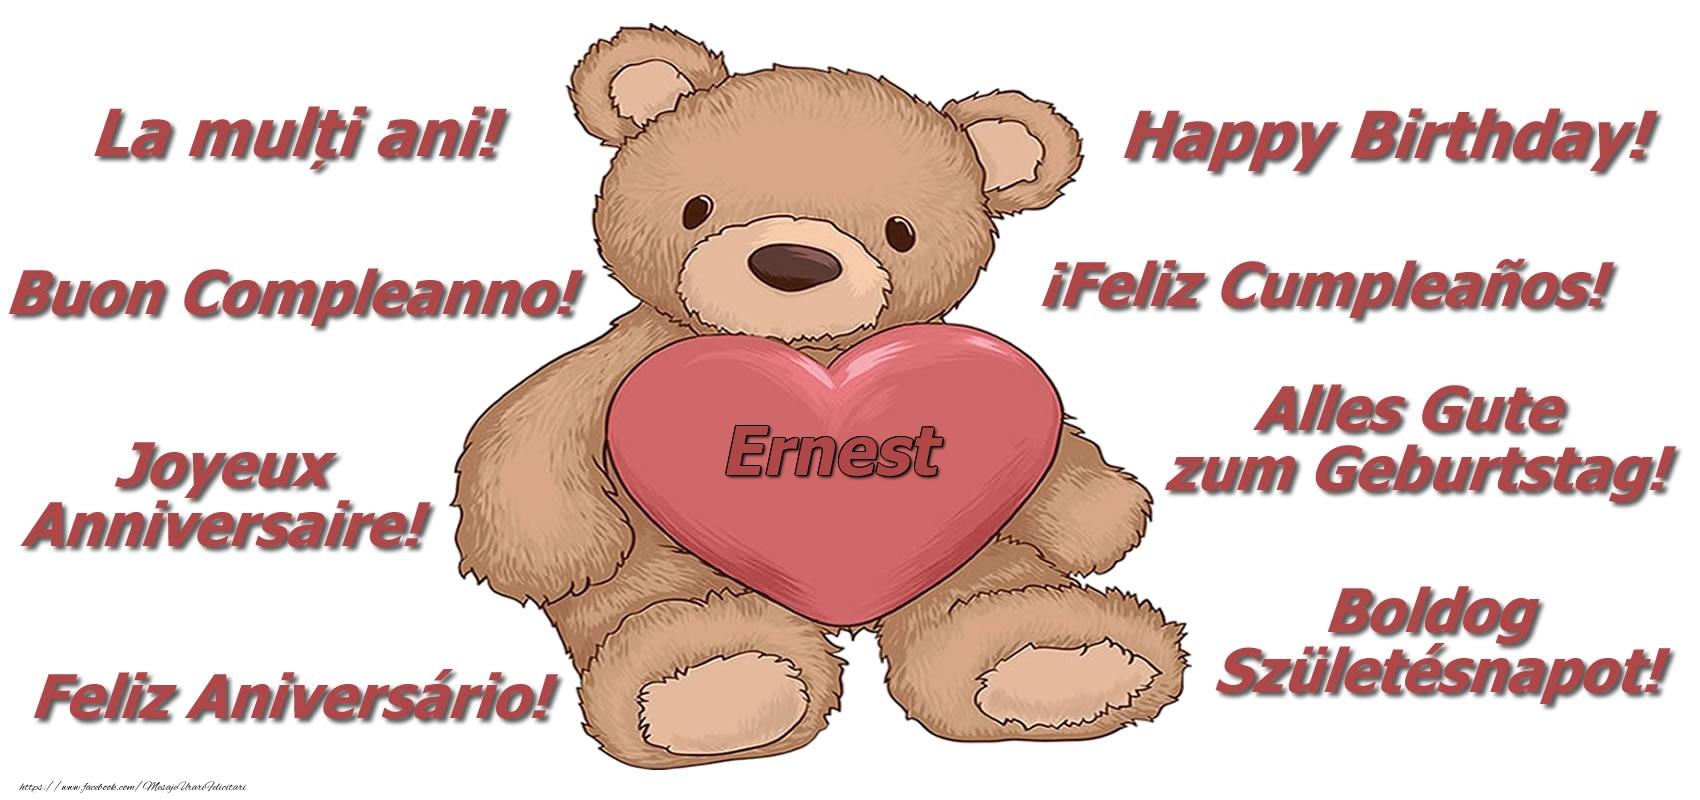 Felicitari de zi de nastere - La multi ani Ernest! - Ursulet